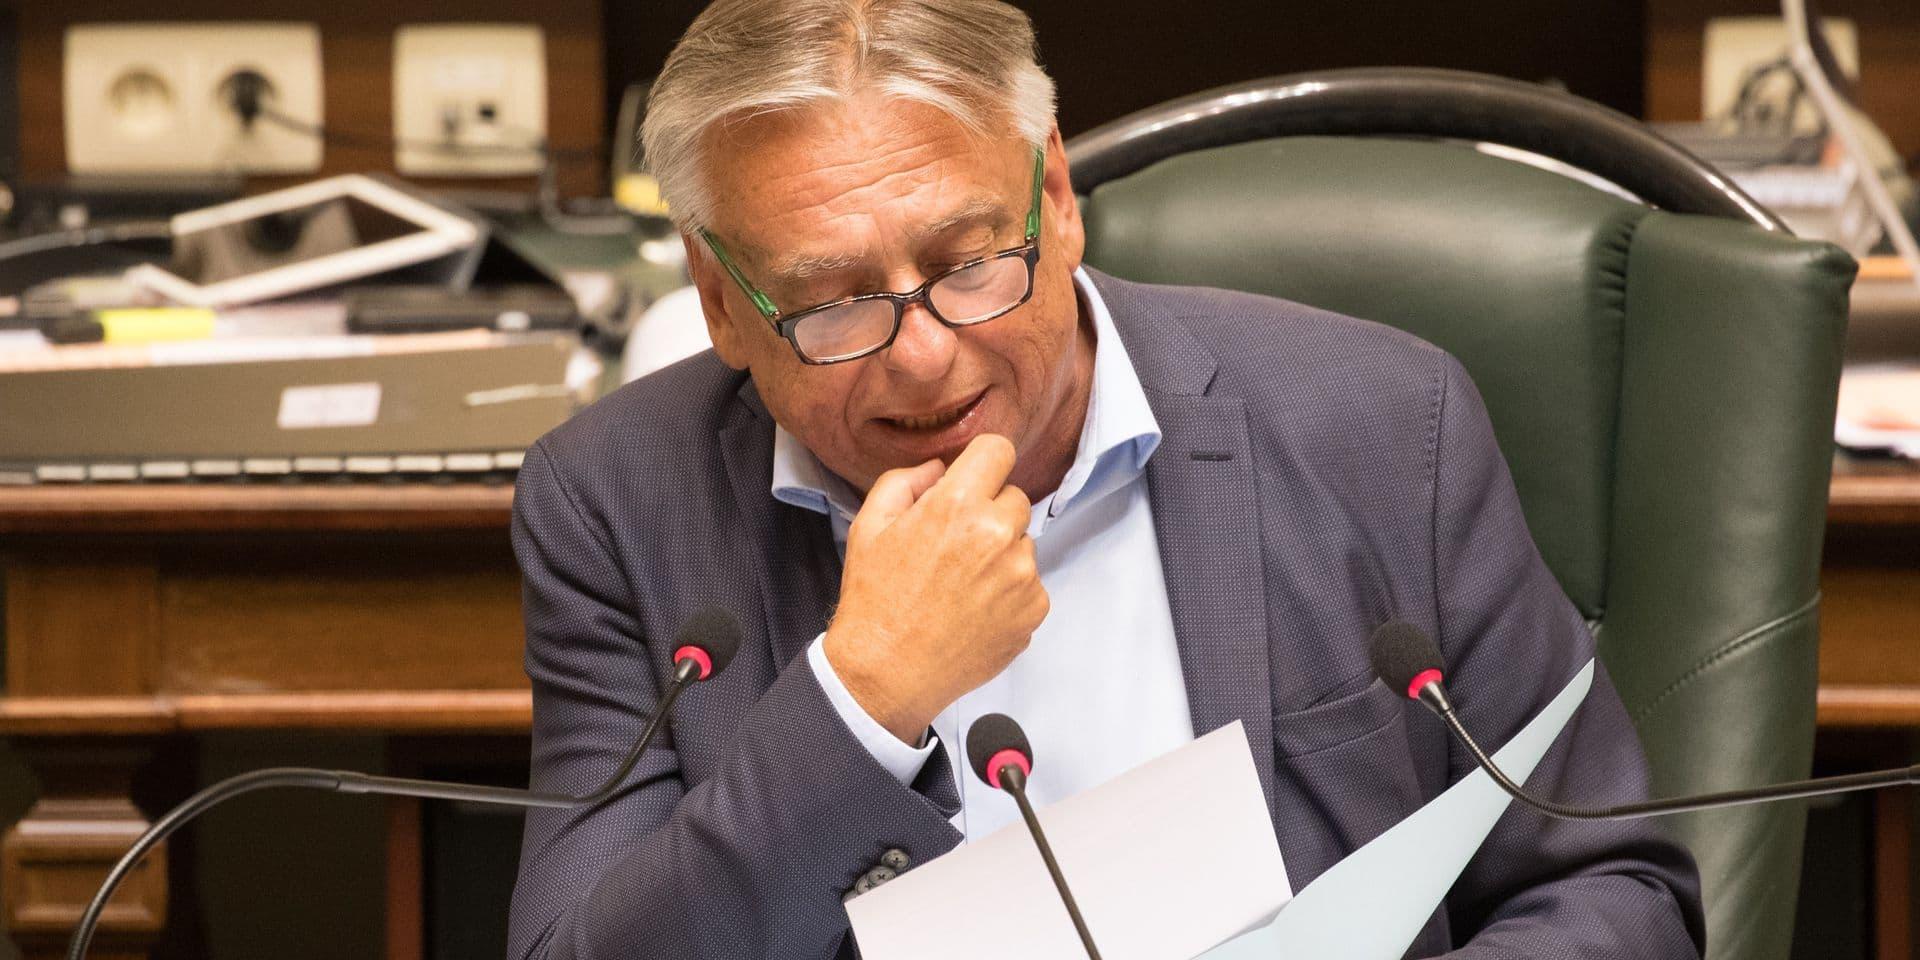 Des dizaines de lobbies enregistrés auprès du parlement fédéral